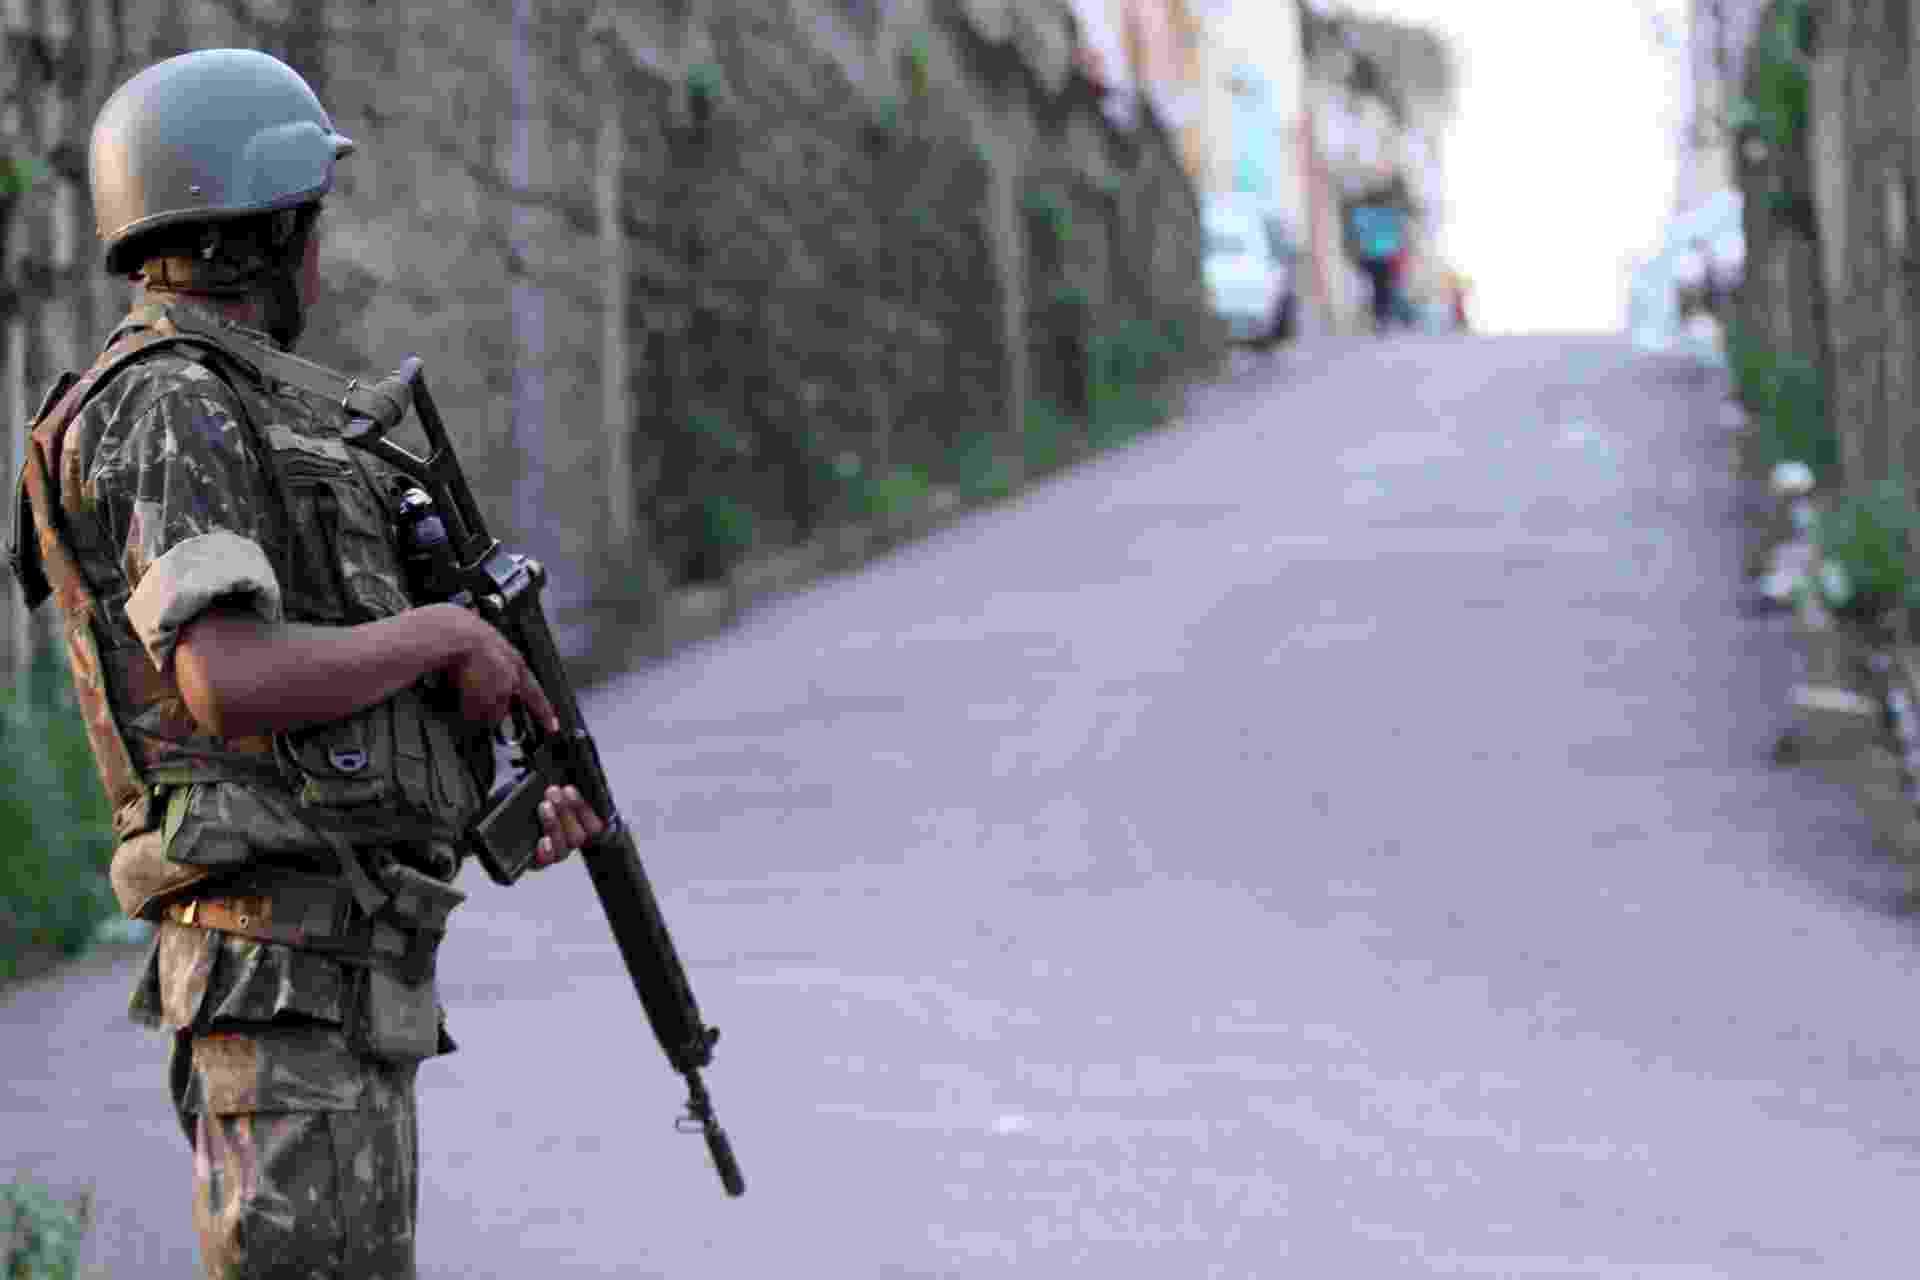 27.out.2017 - Segundo o CML (Comando Militar do Leste), 1.700 militares e dez carros blindados das Forças Armadas participam do cerco às comunidades - José Lucena/Futura Press/Estadão Conteúdo